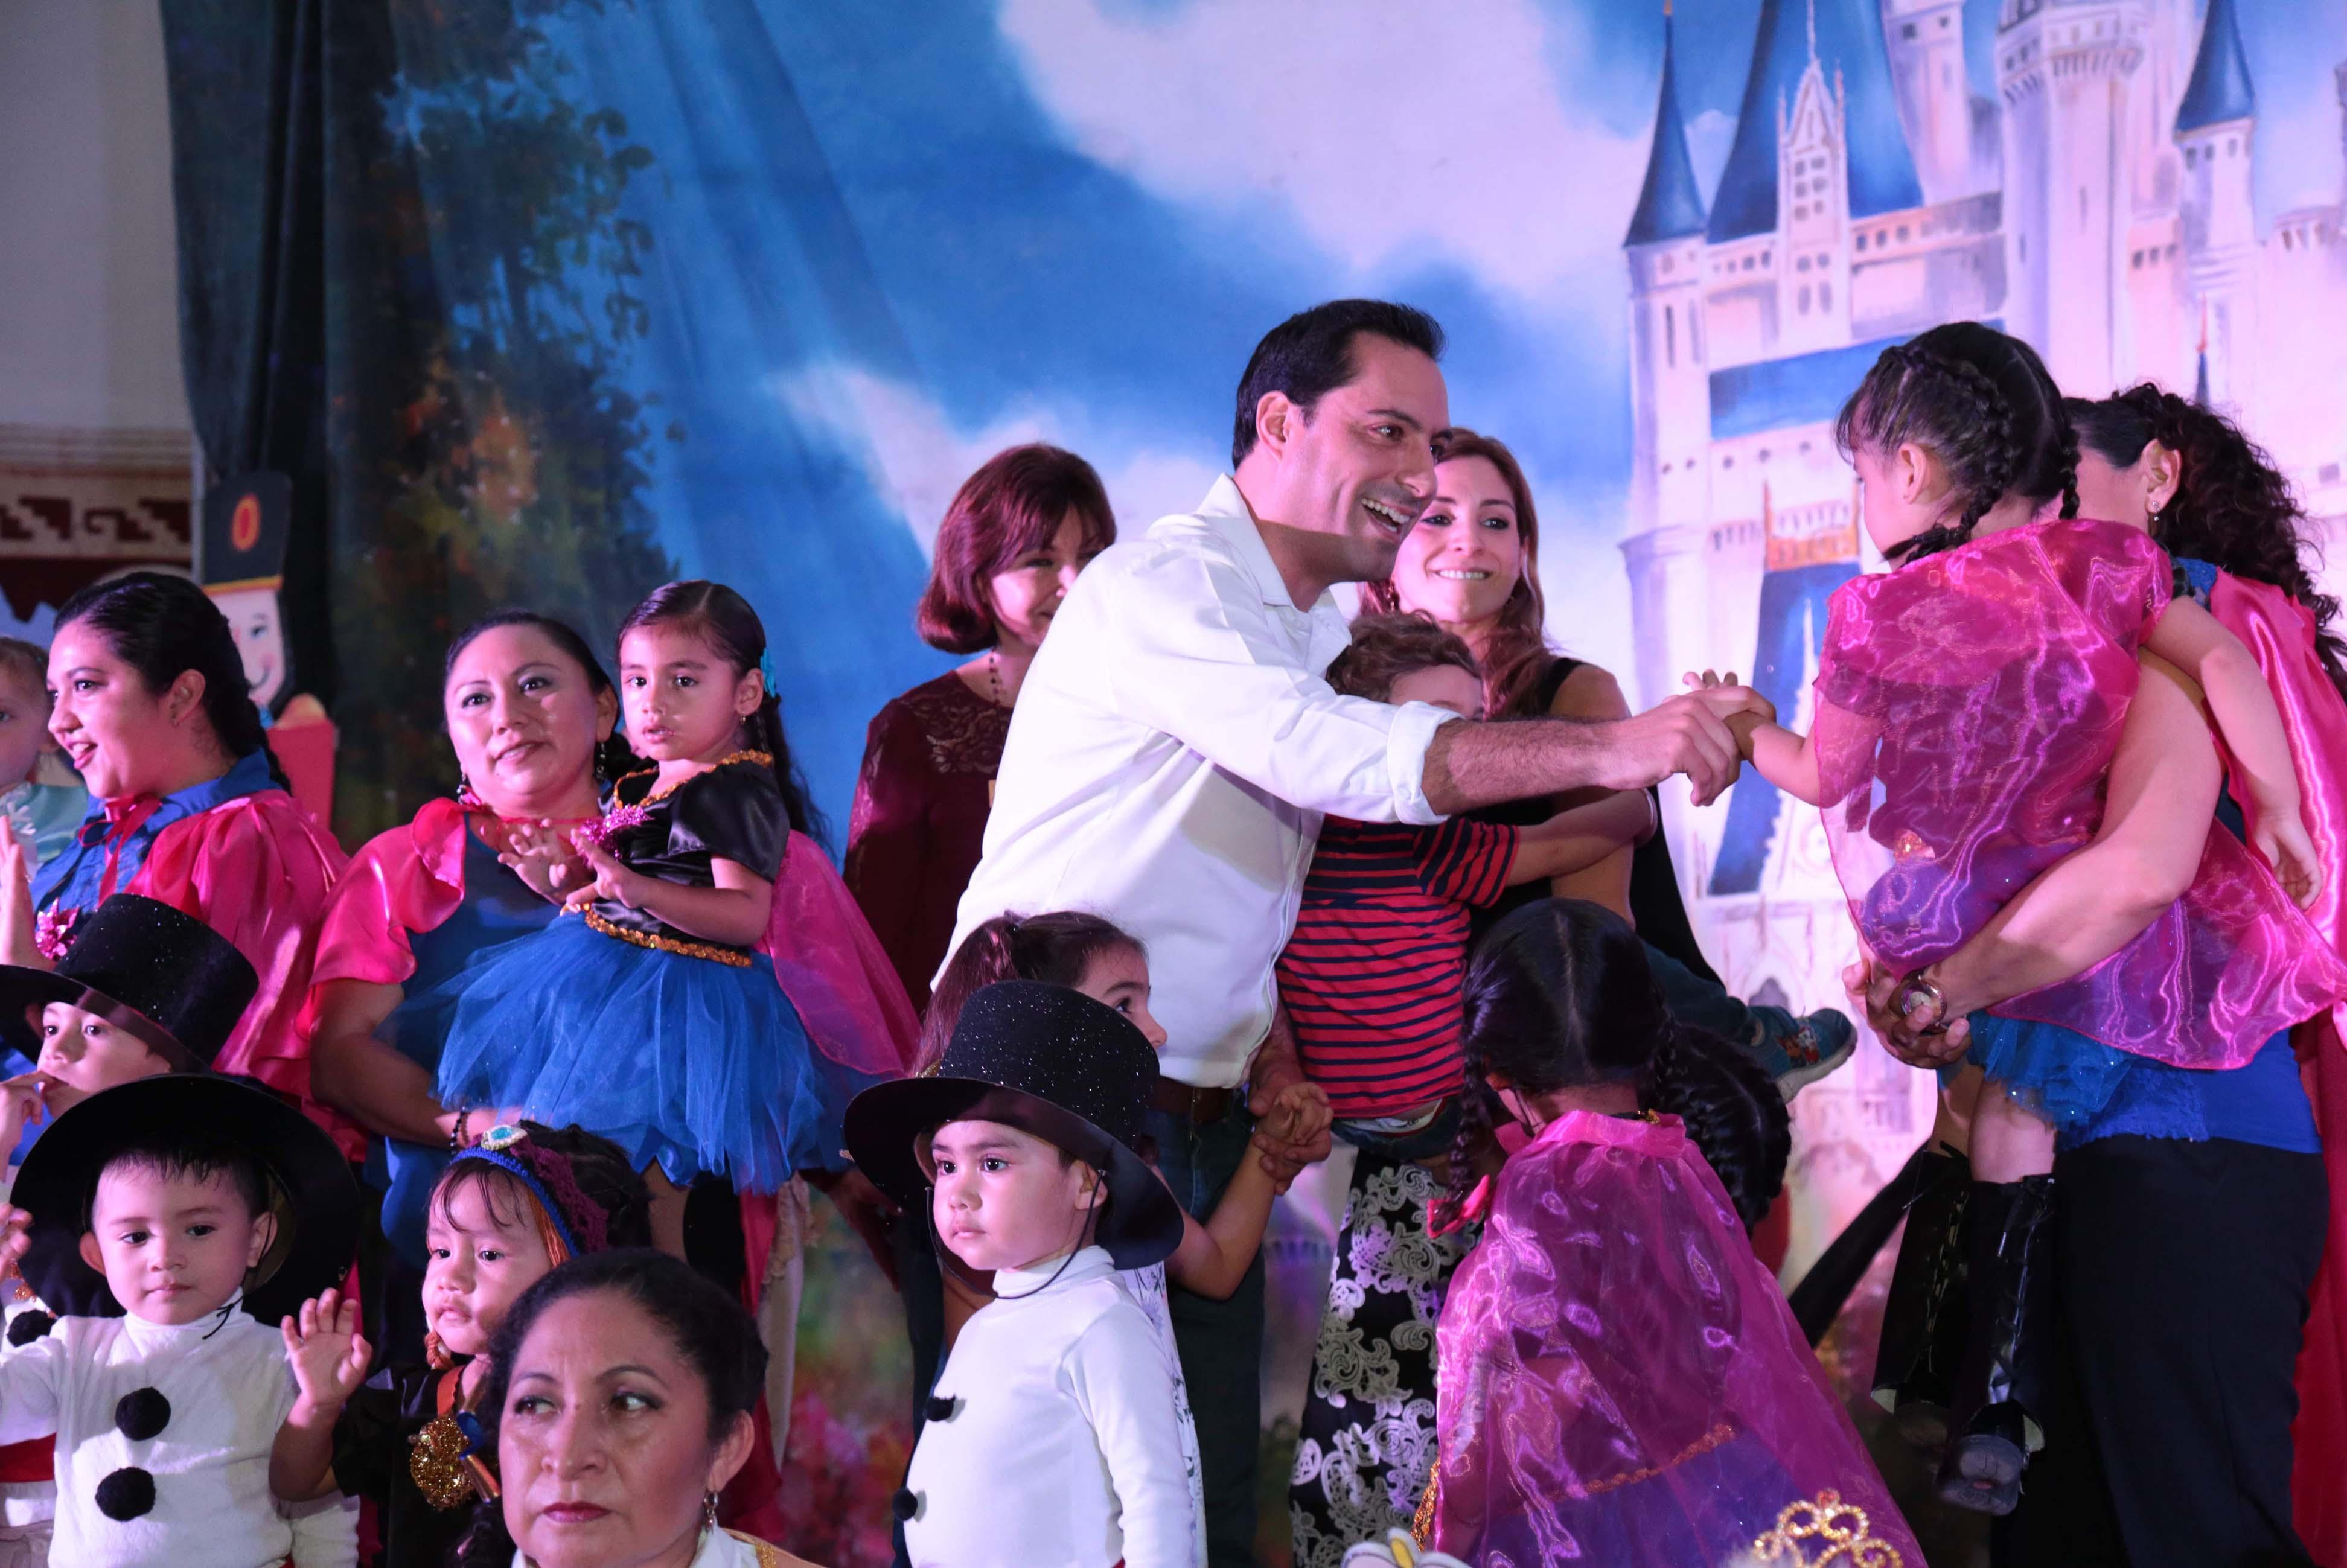 Ampliación y mejoresservicios en Cendis impactana familias más necesitadas